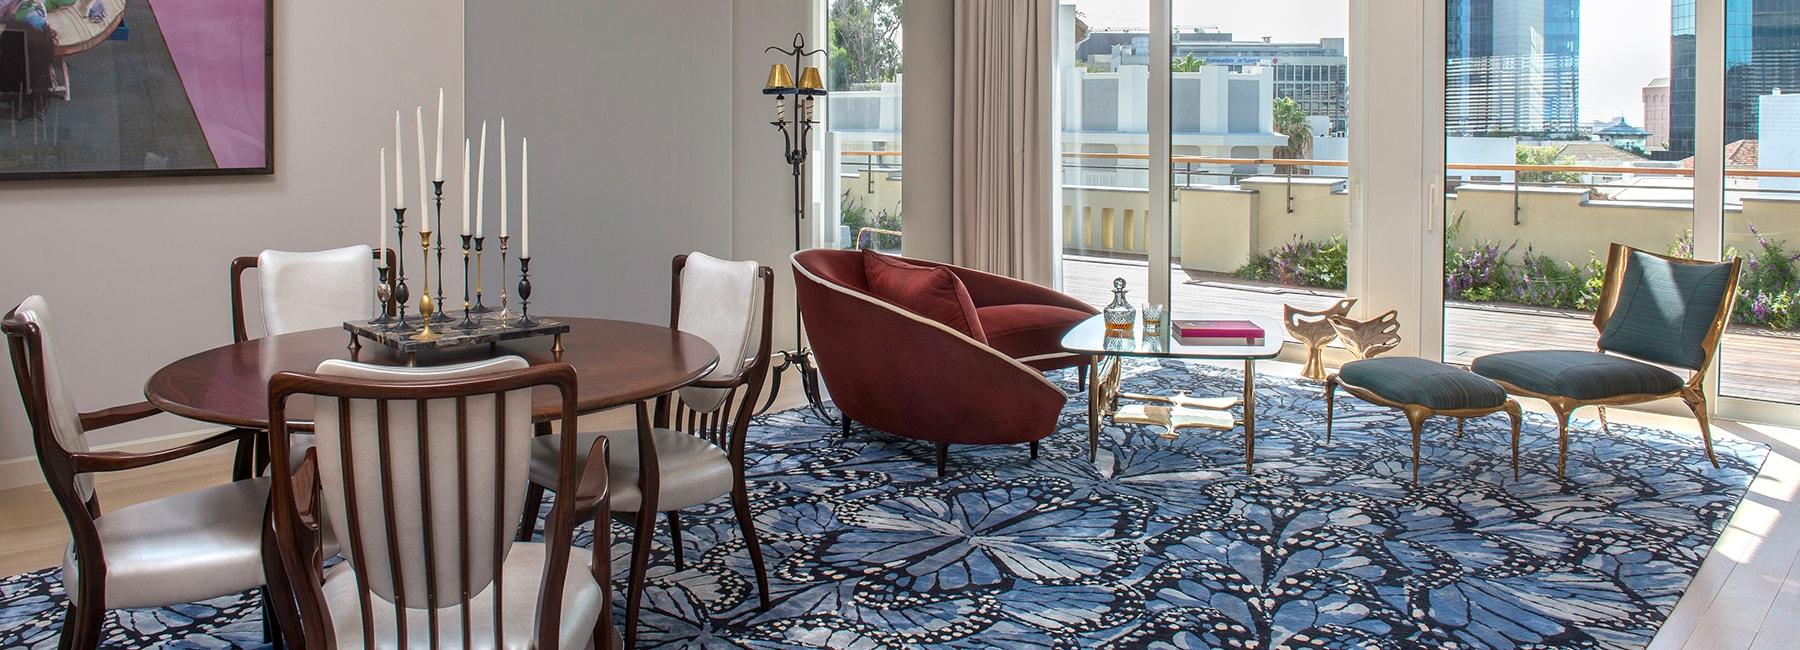 מלון בוטיק תל אביב